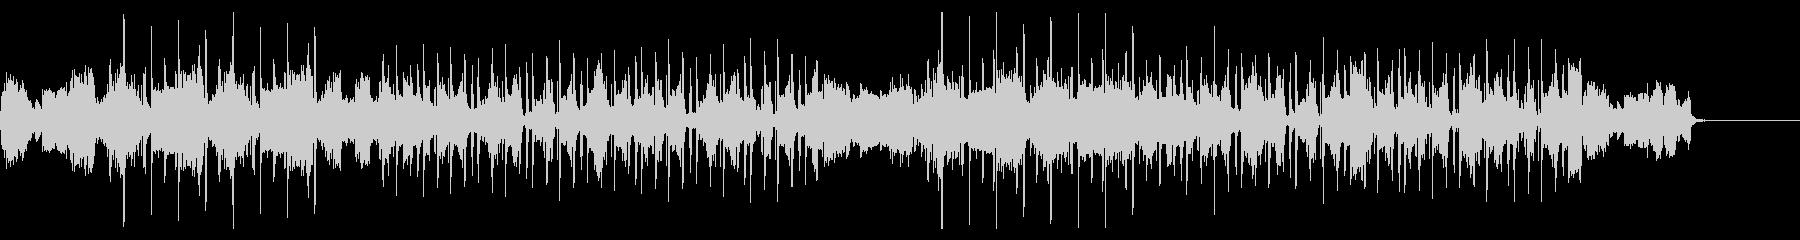 キラキラサウンドのヒップホップの未再生の波形